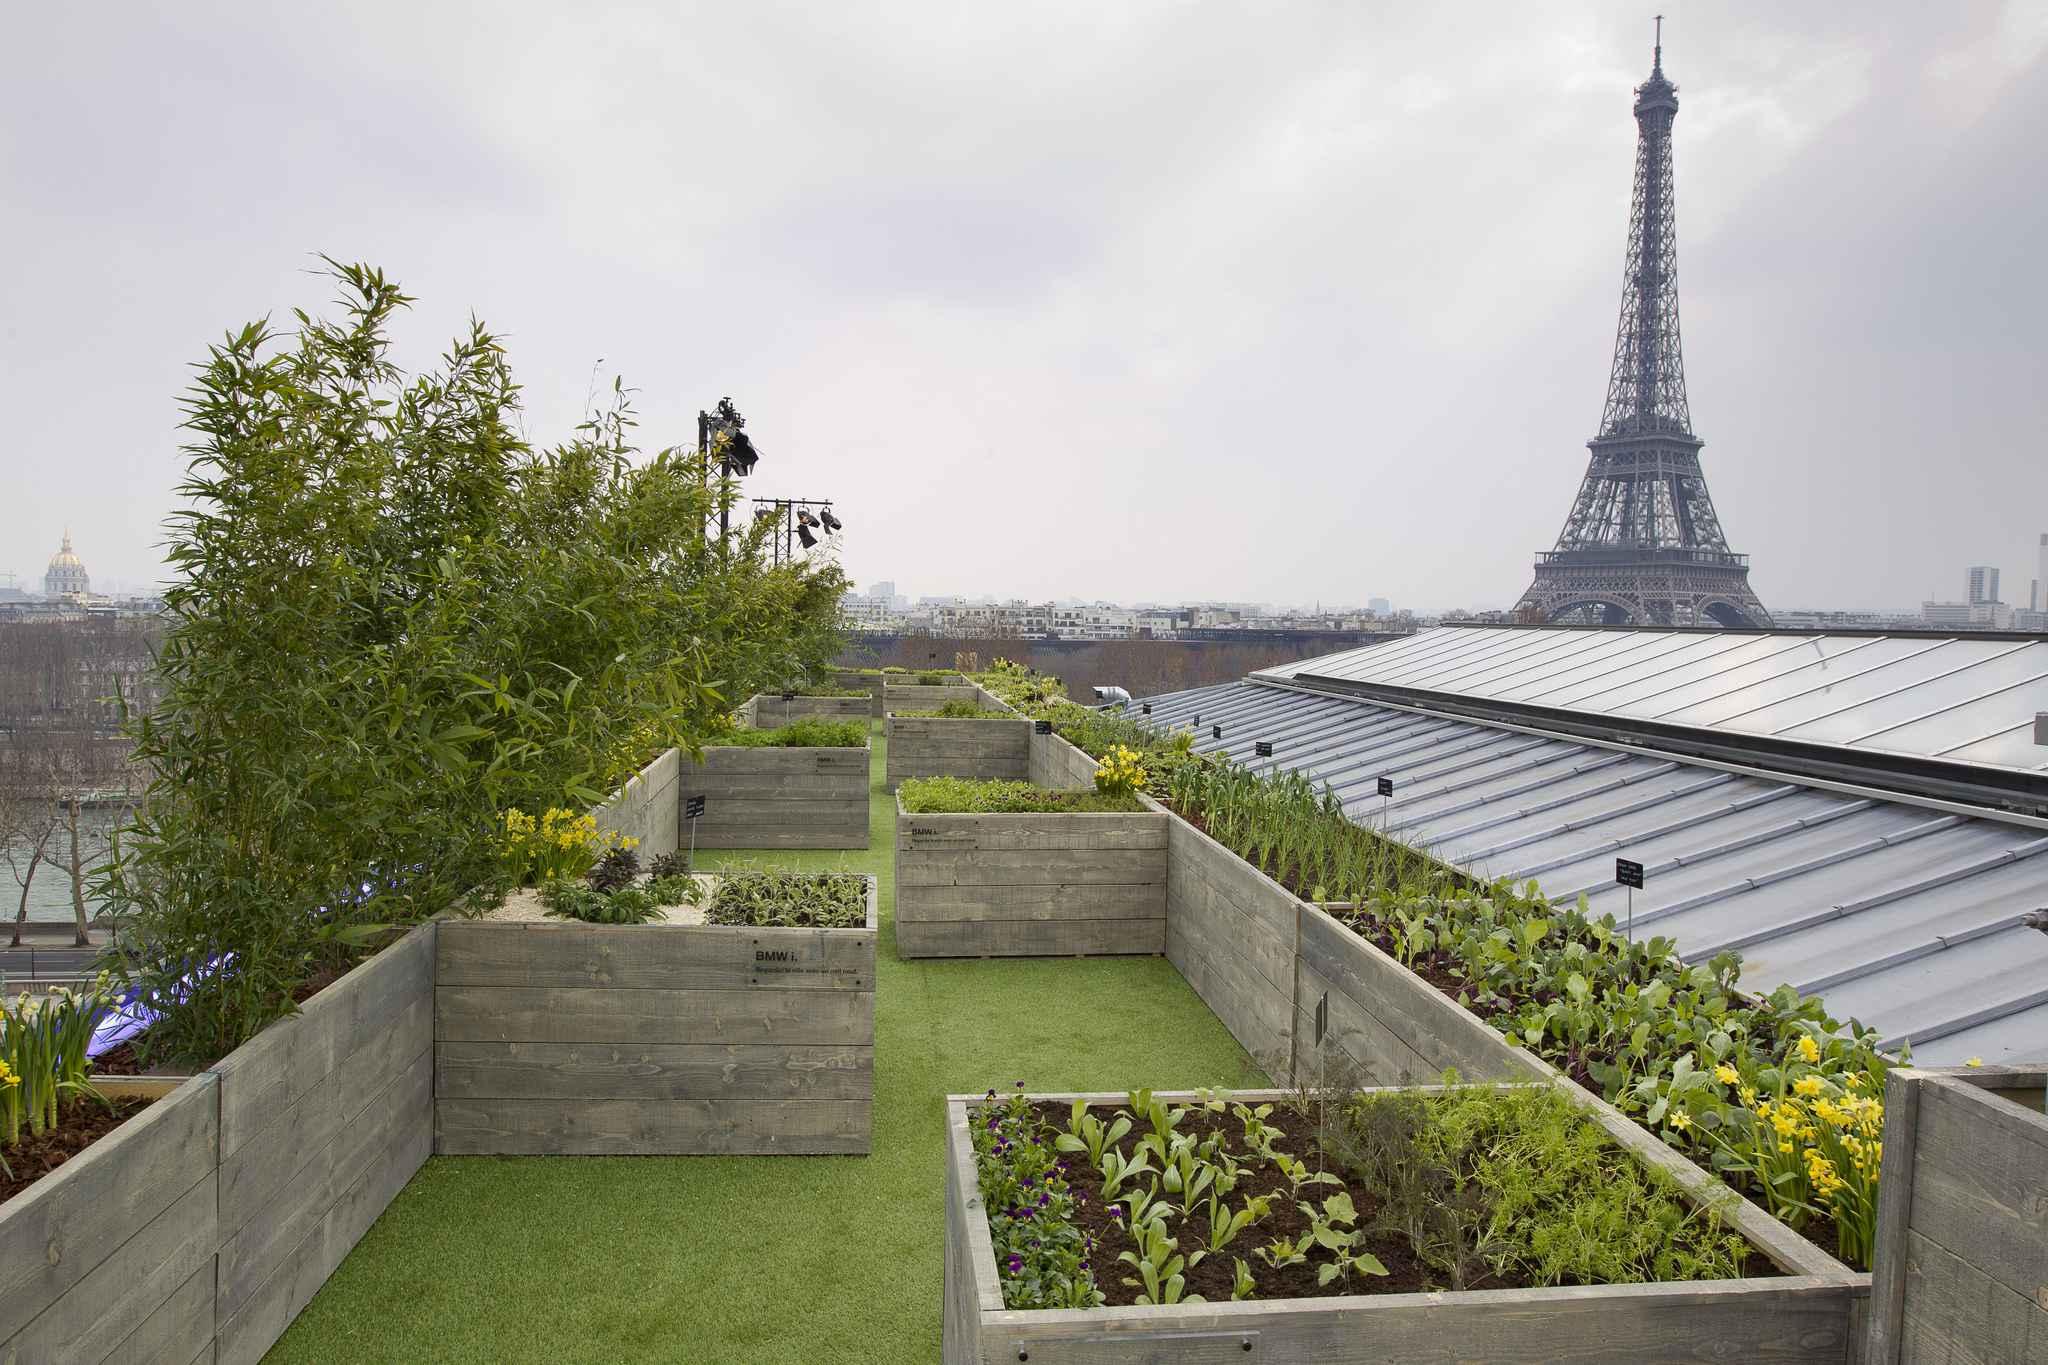 Paris une lue ump propose de classer les toits de la capitale au patrimoine de l 39 unesco - Jardin sur les toits ...